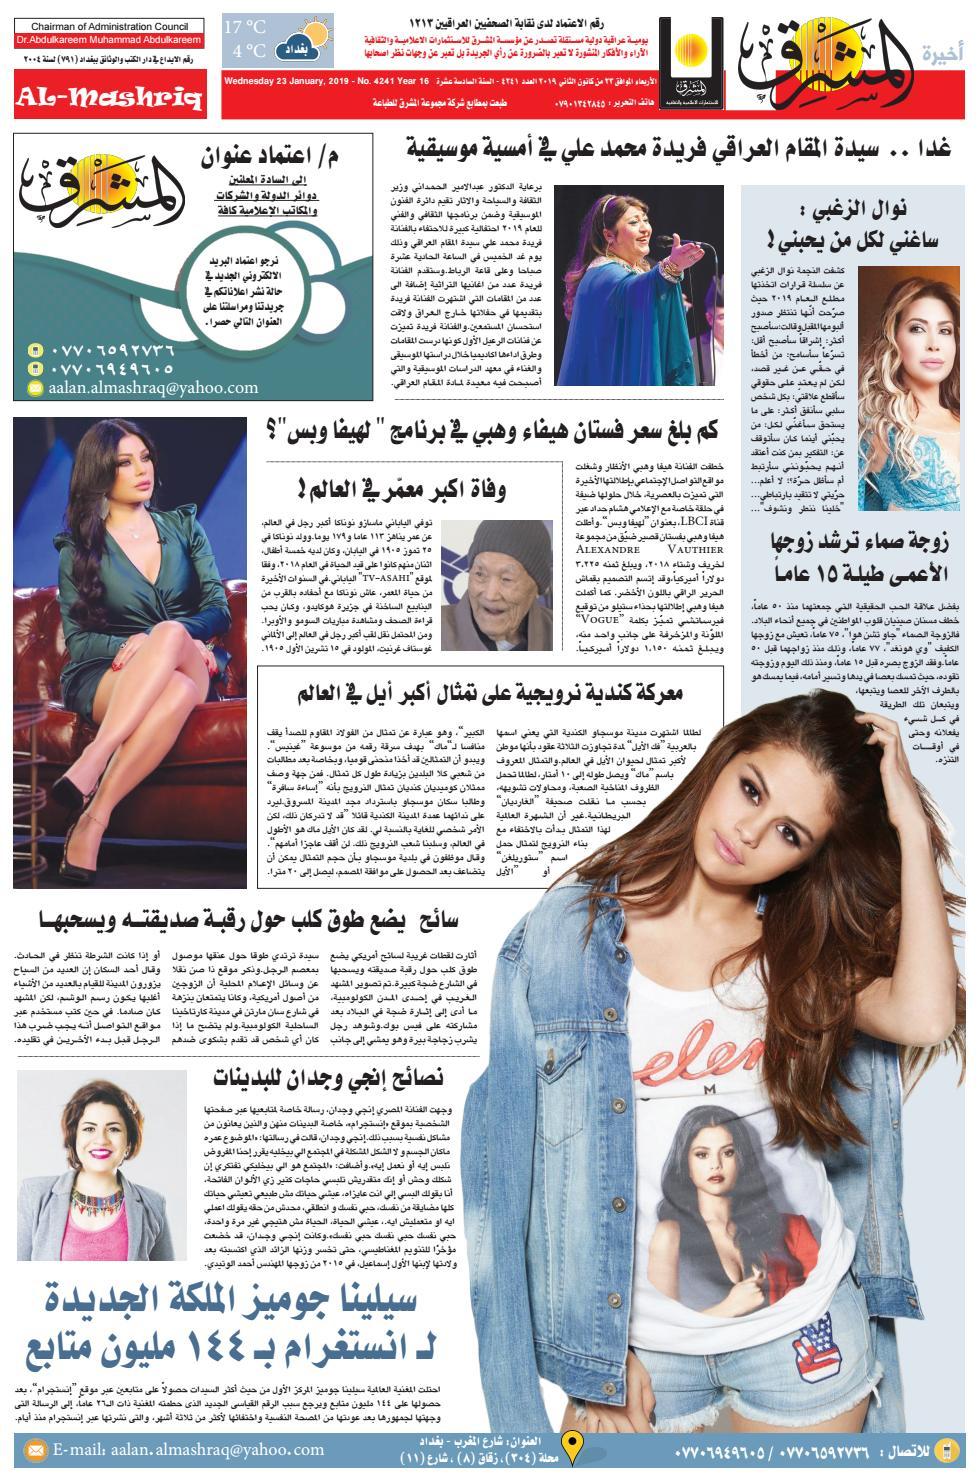 aa3db6be3605b 4241 AlmashriqNews by Al Mashriq Newspaper - issuu